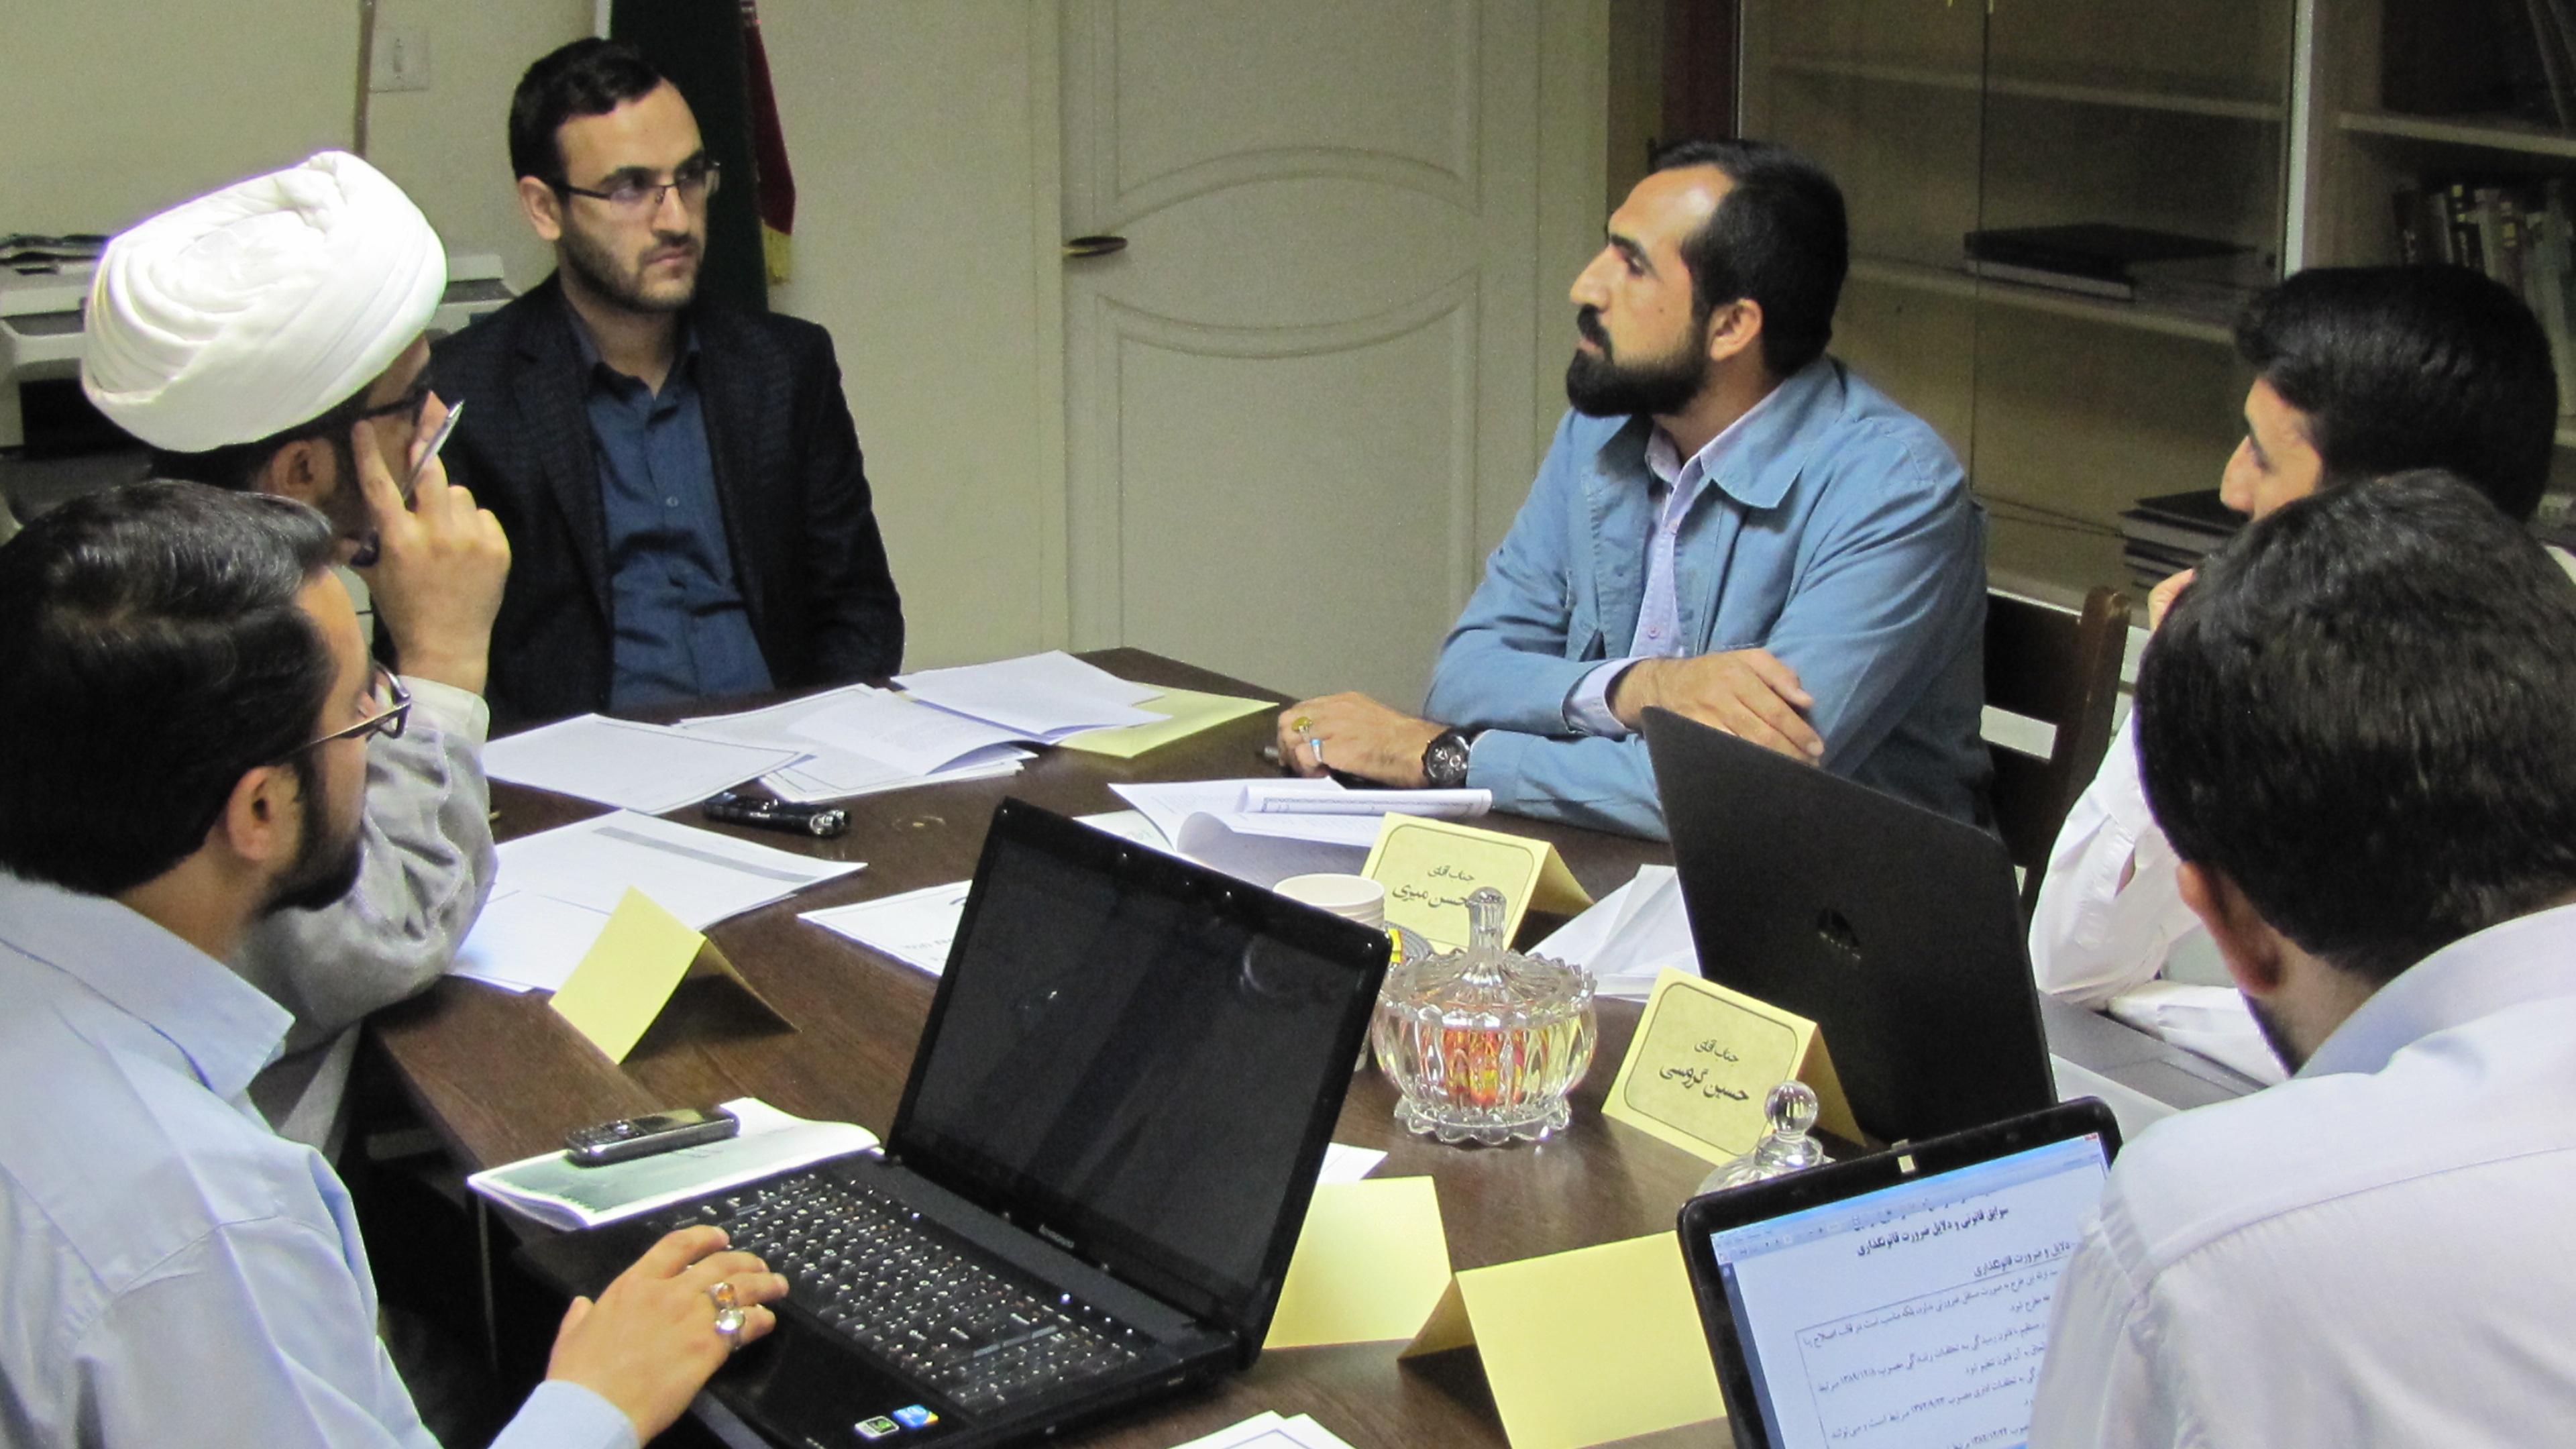 التقنين الثقافي عنوان ورشة-بمركز الدراسات الإسلامية